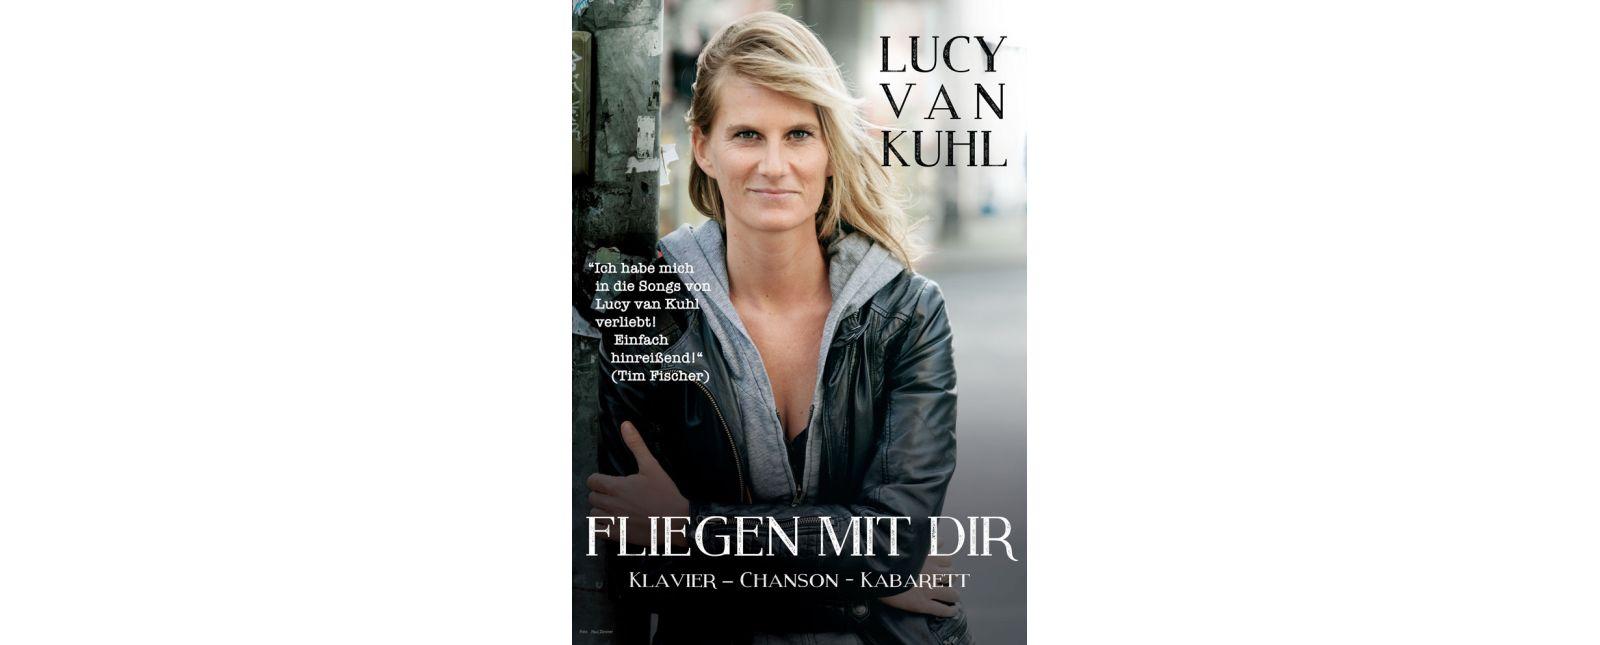 Lucy van Kuhl //  Paul Zimmer // 2018